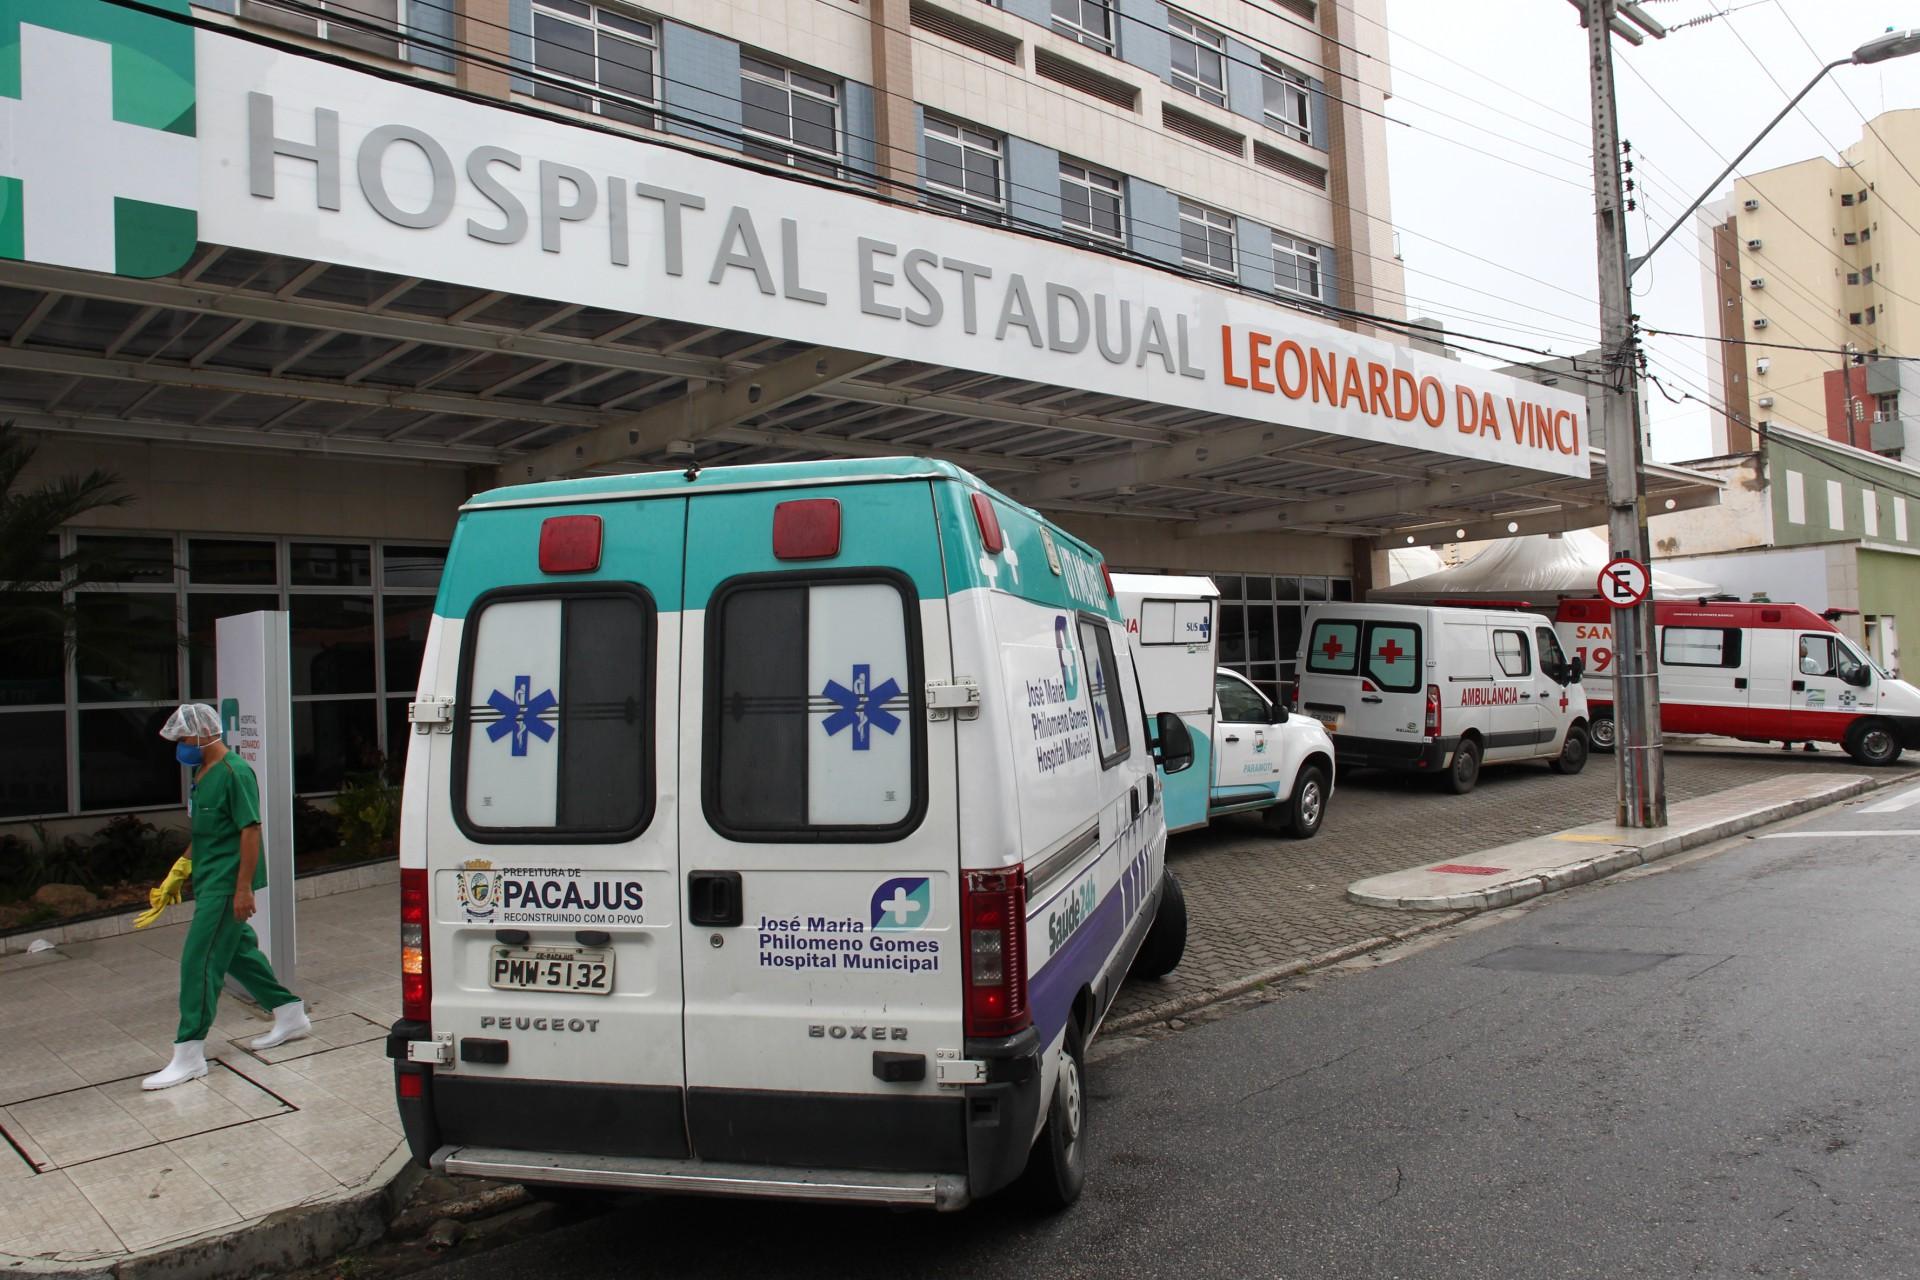 HOSPITAL foi adiquirido pelo governo em novembro do ano passado (Foto: FABIO LIMA)